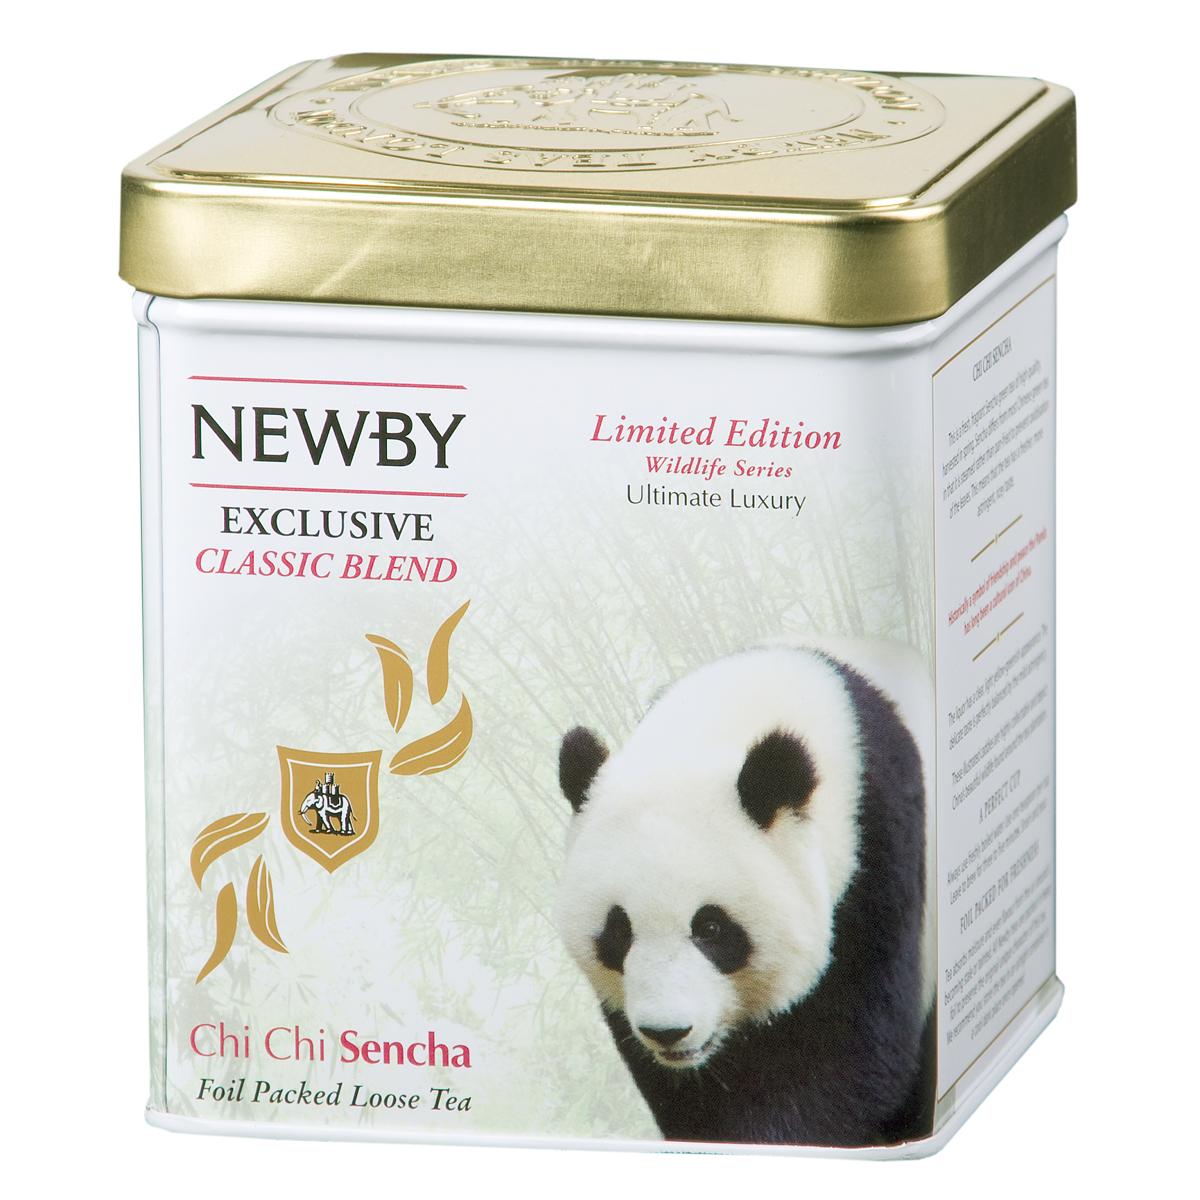 Newby Chi Chi Sencha зеленый листовой чай, 125 г цена в Москве и Питере